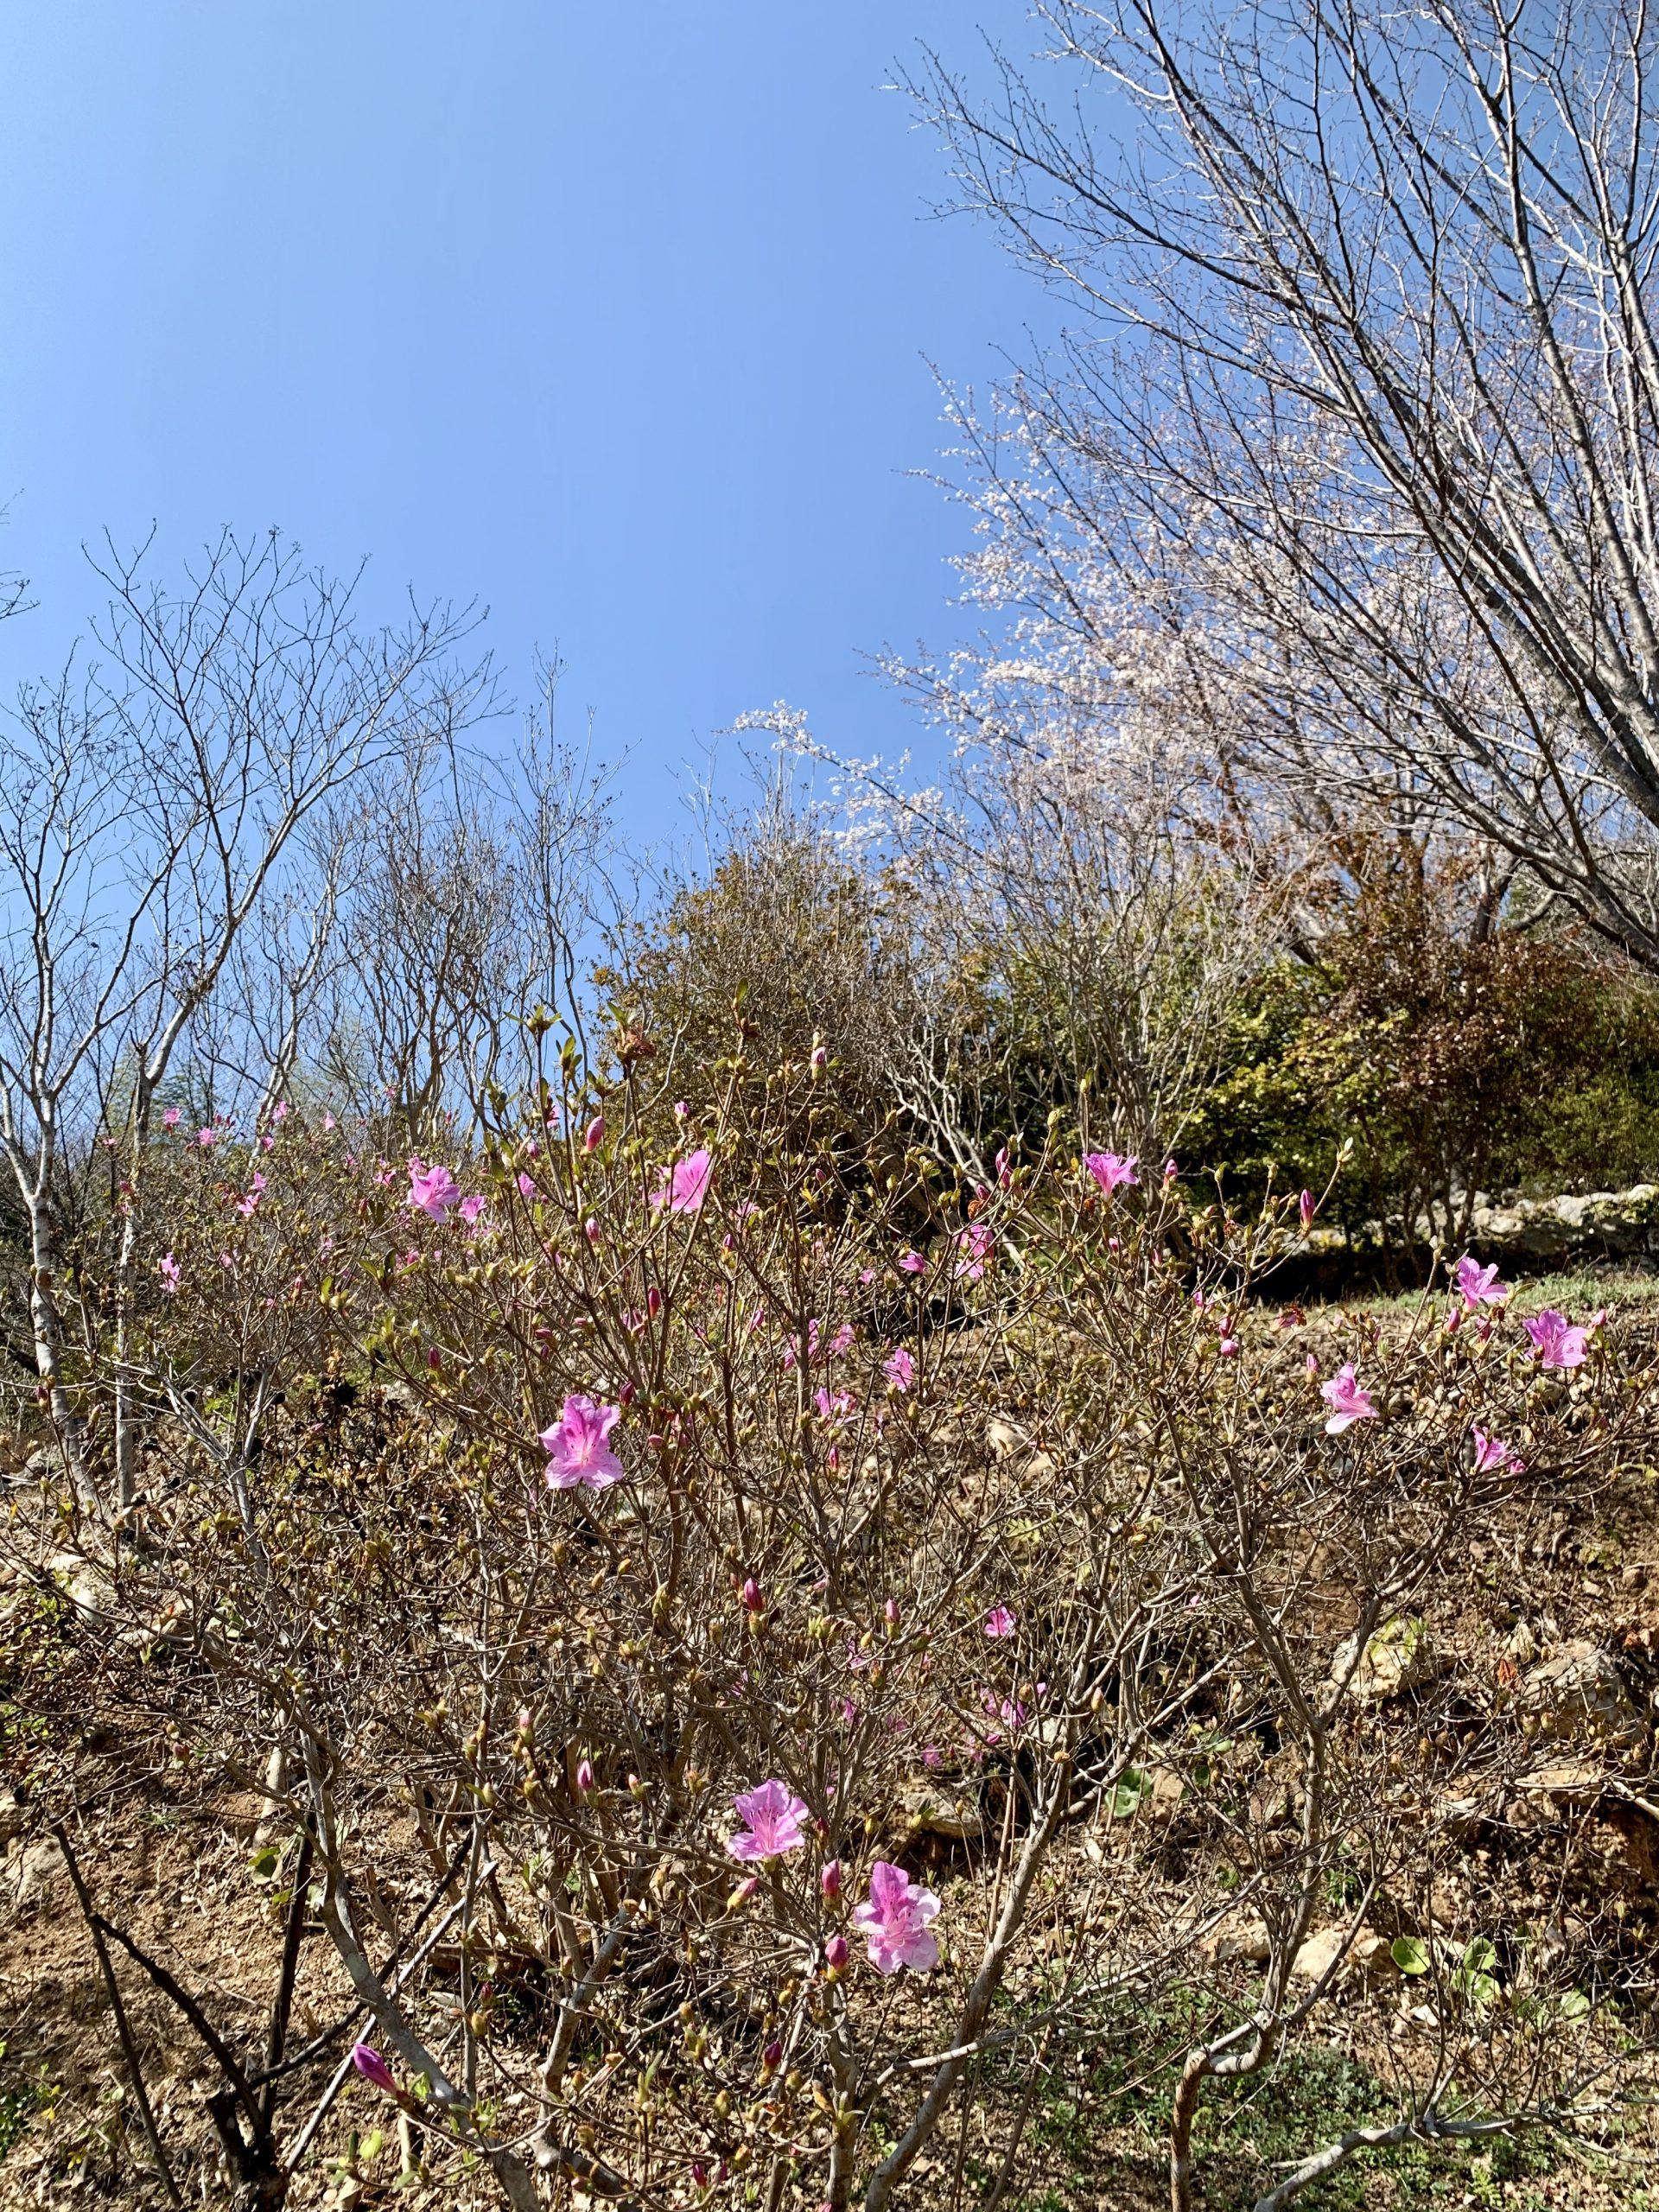 高知県立牧野植物園の春 2021.3.10撮影